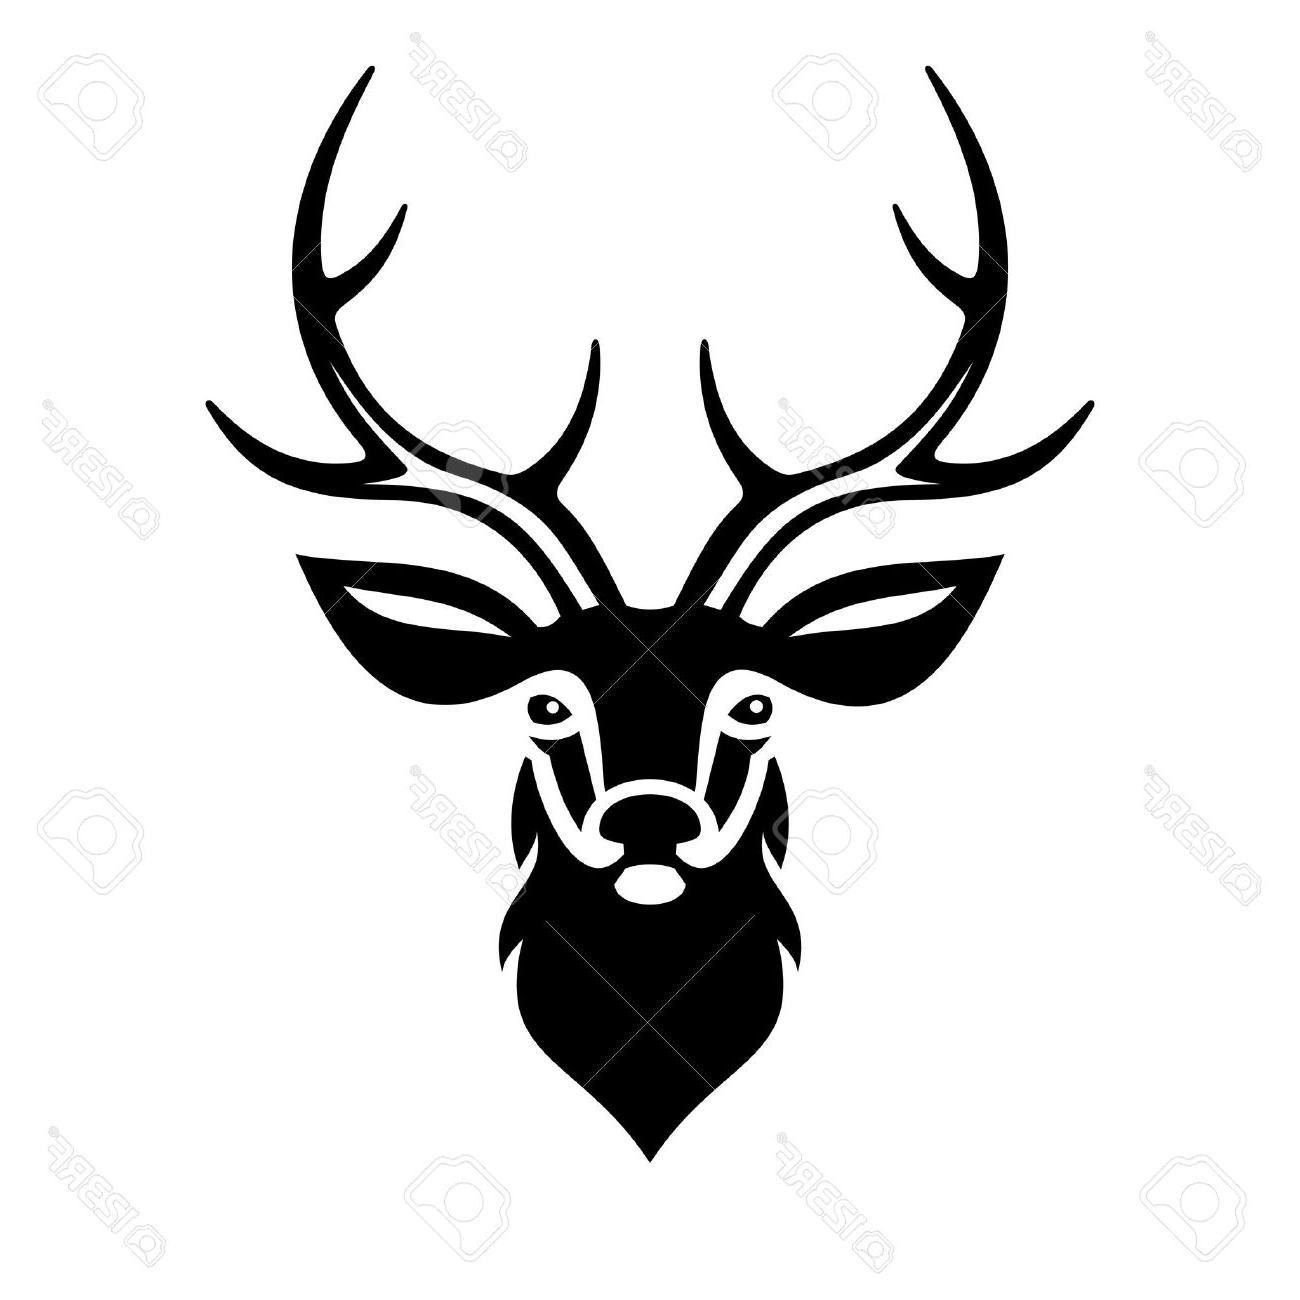 1300x1300 Best Hd Deer Buck Drawings Vector Pictures Free Vector Art